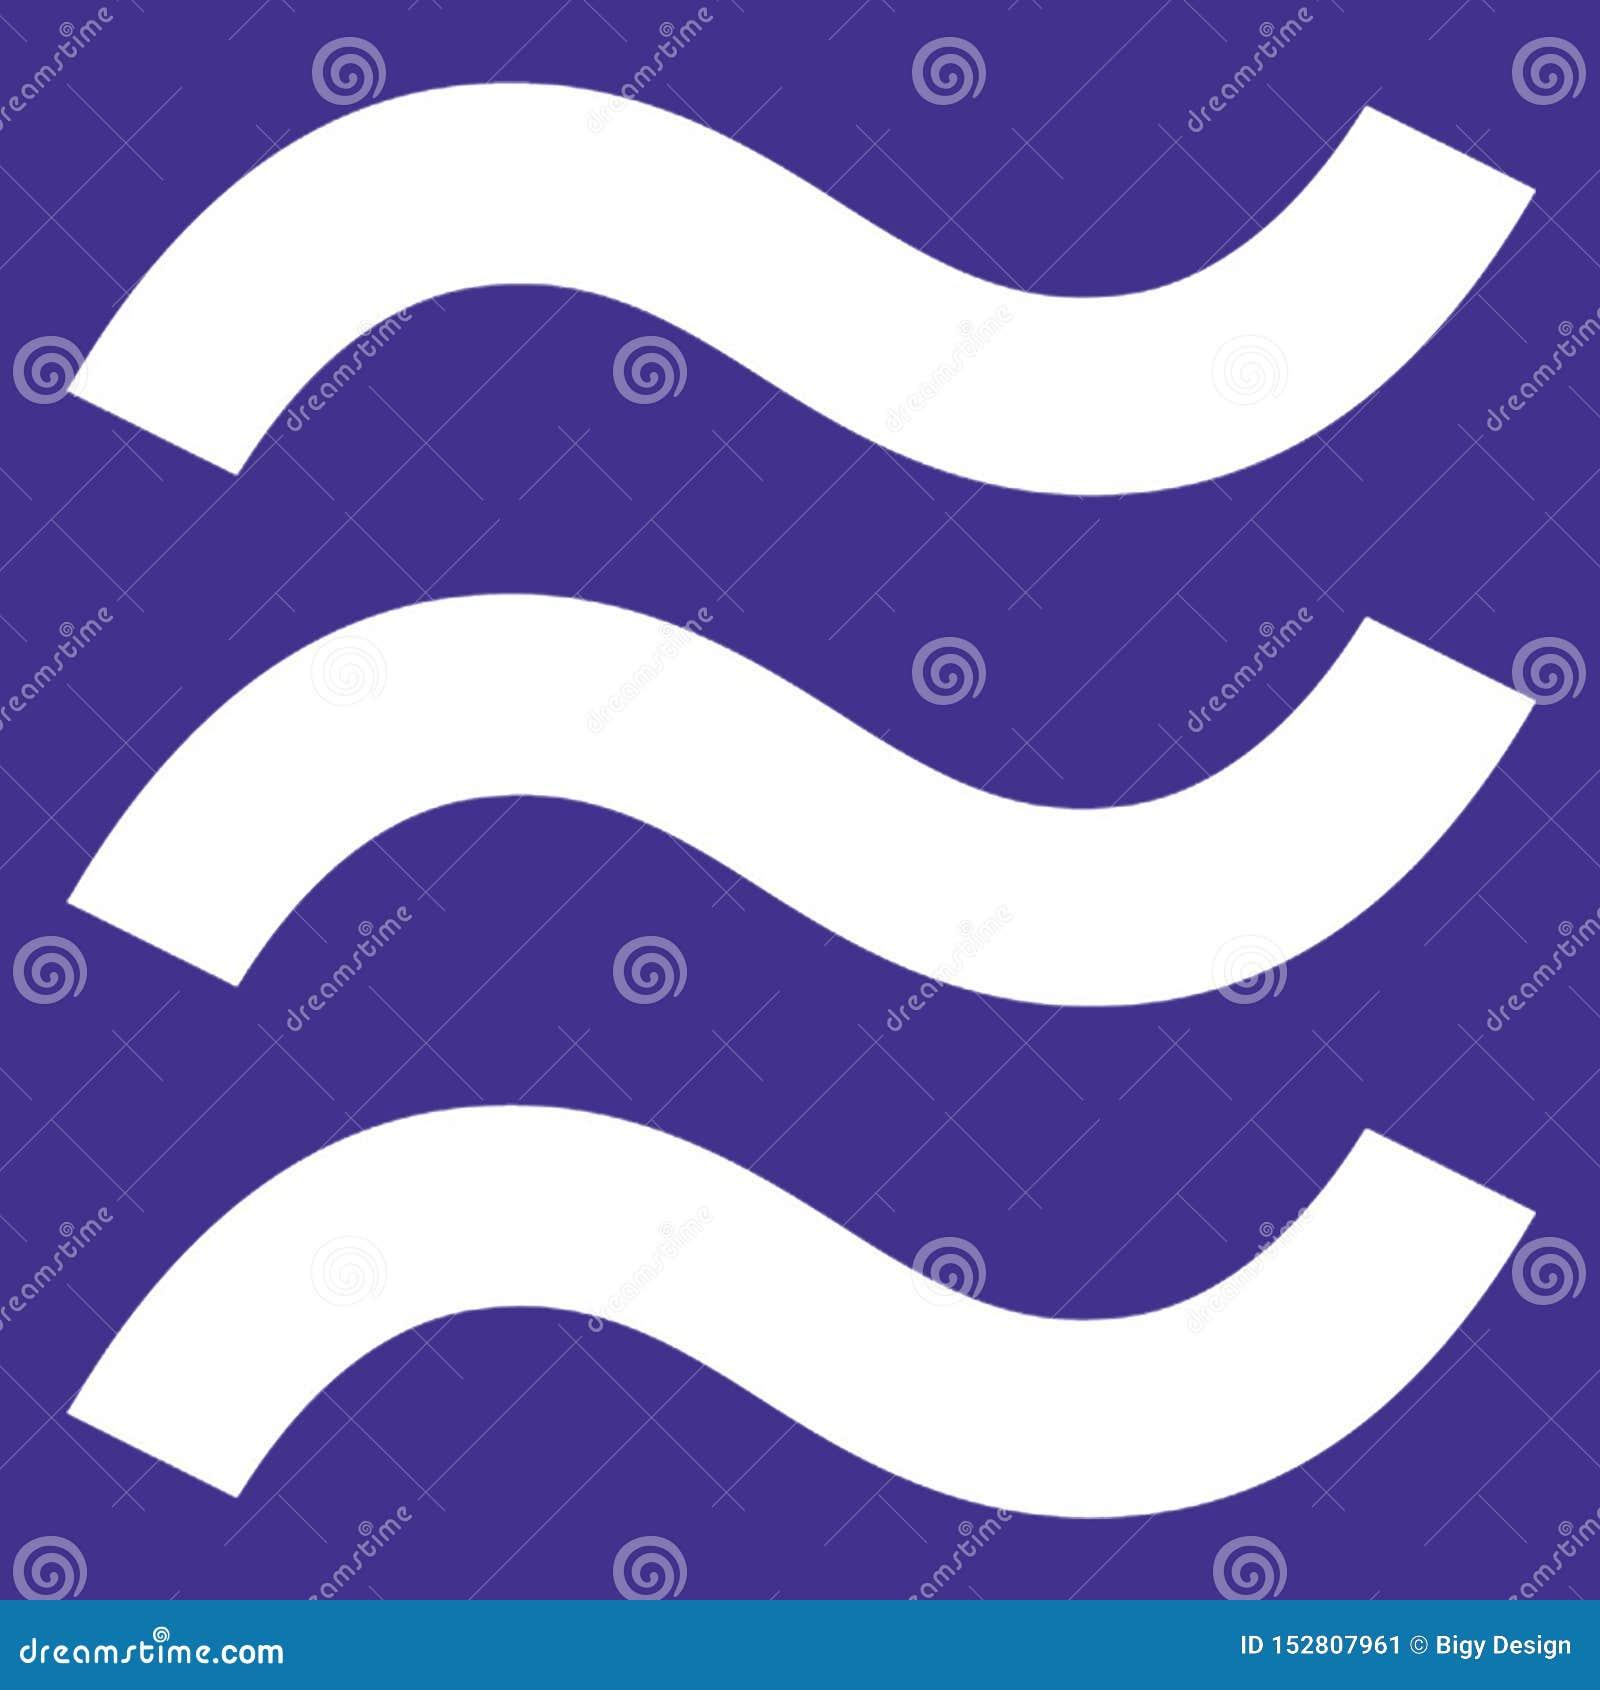 Ursprüngliches Logo der Waage auf ursprünglicher Hintergrundfarbe